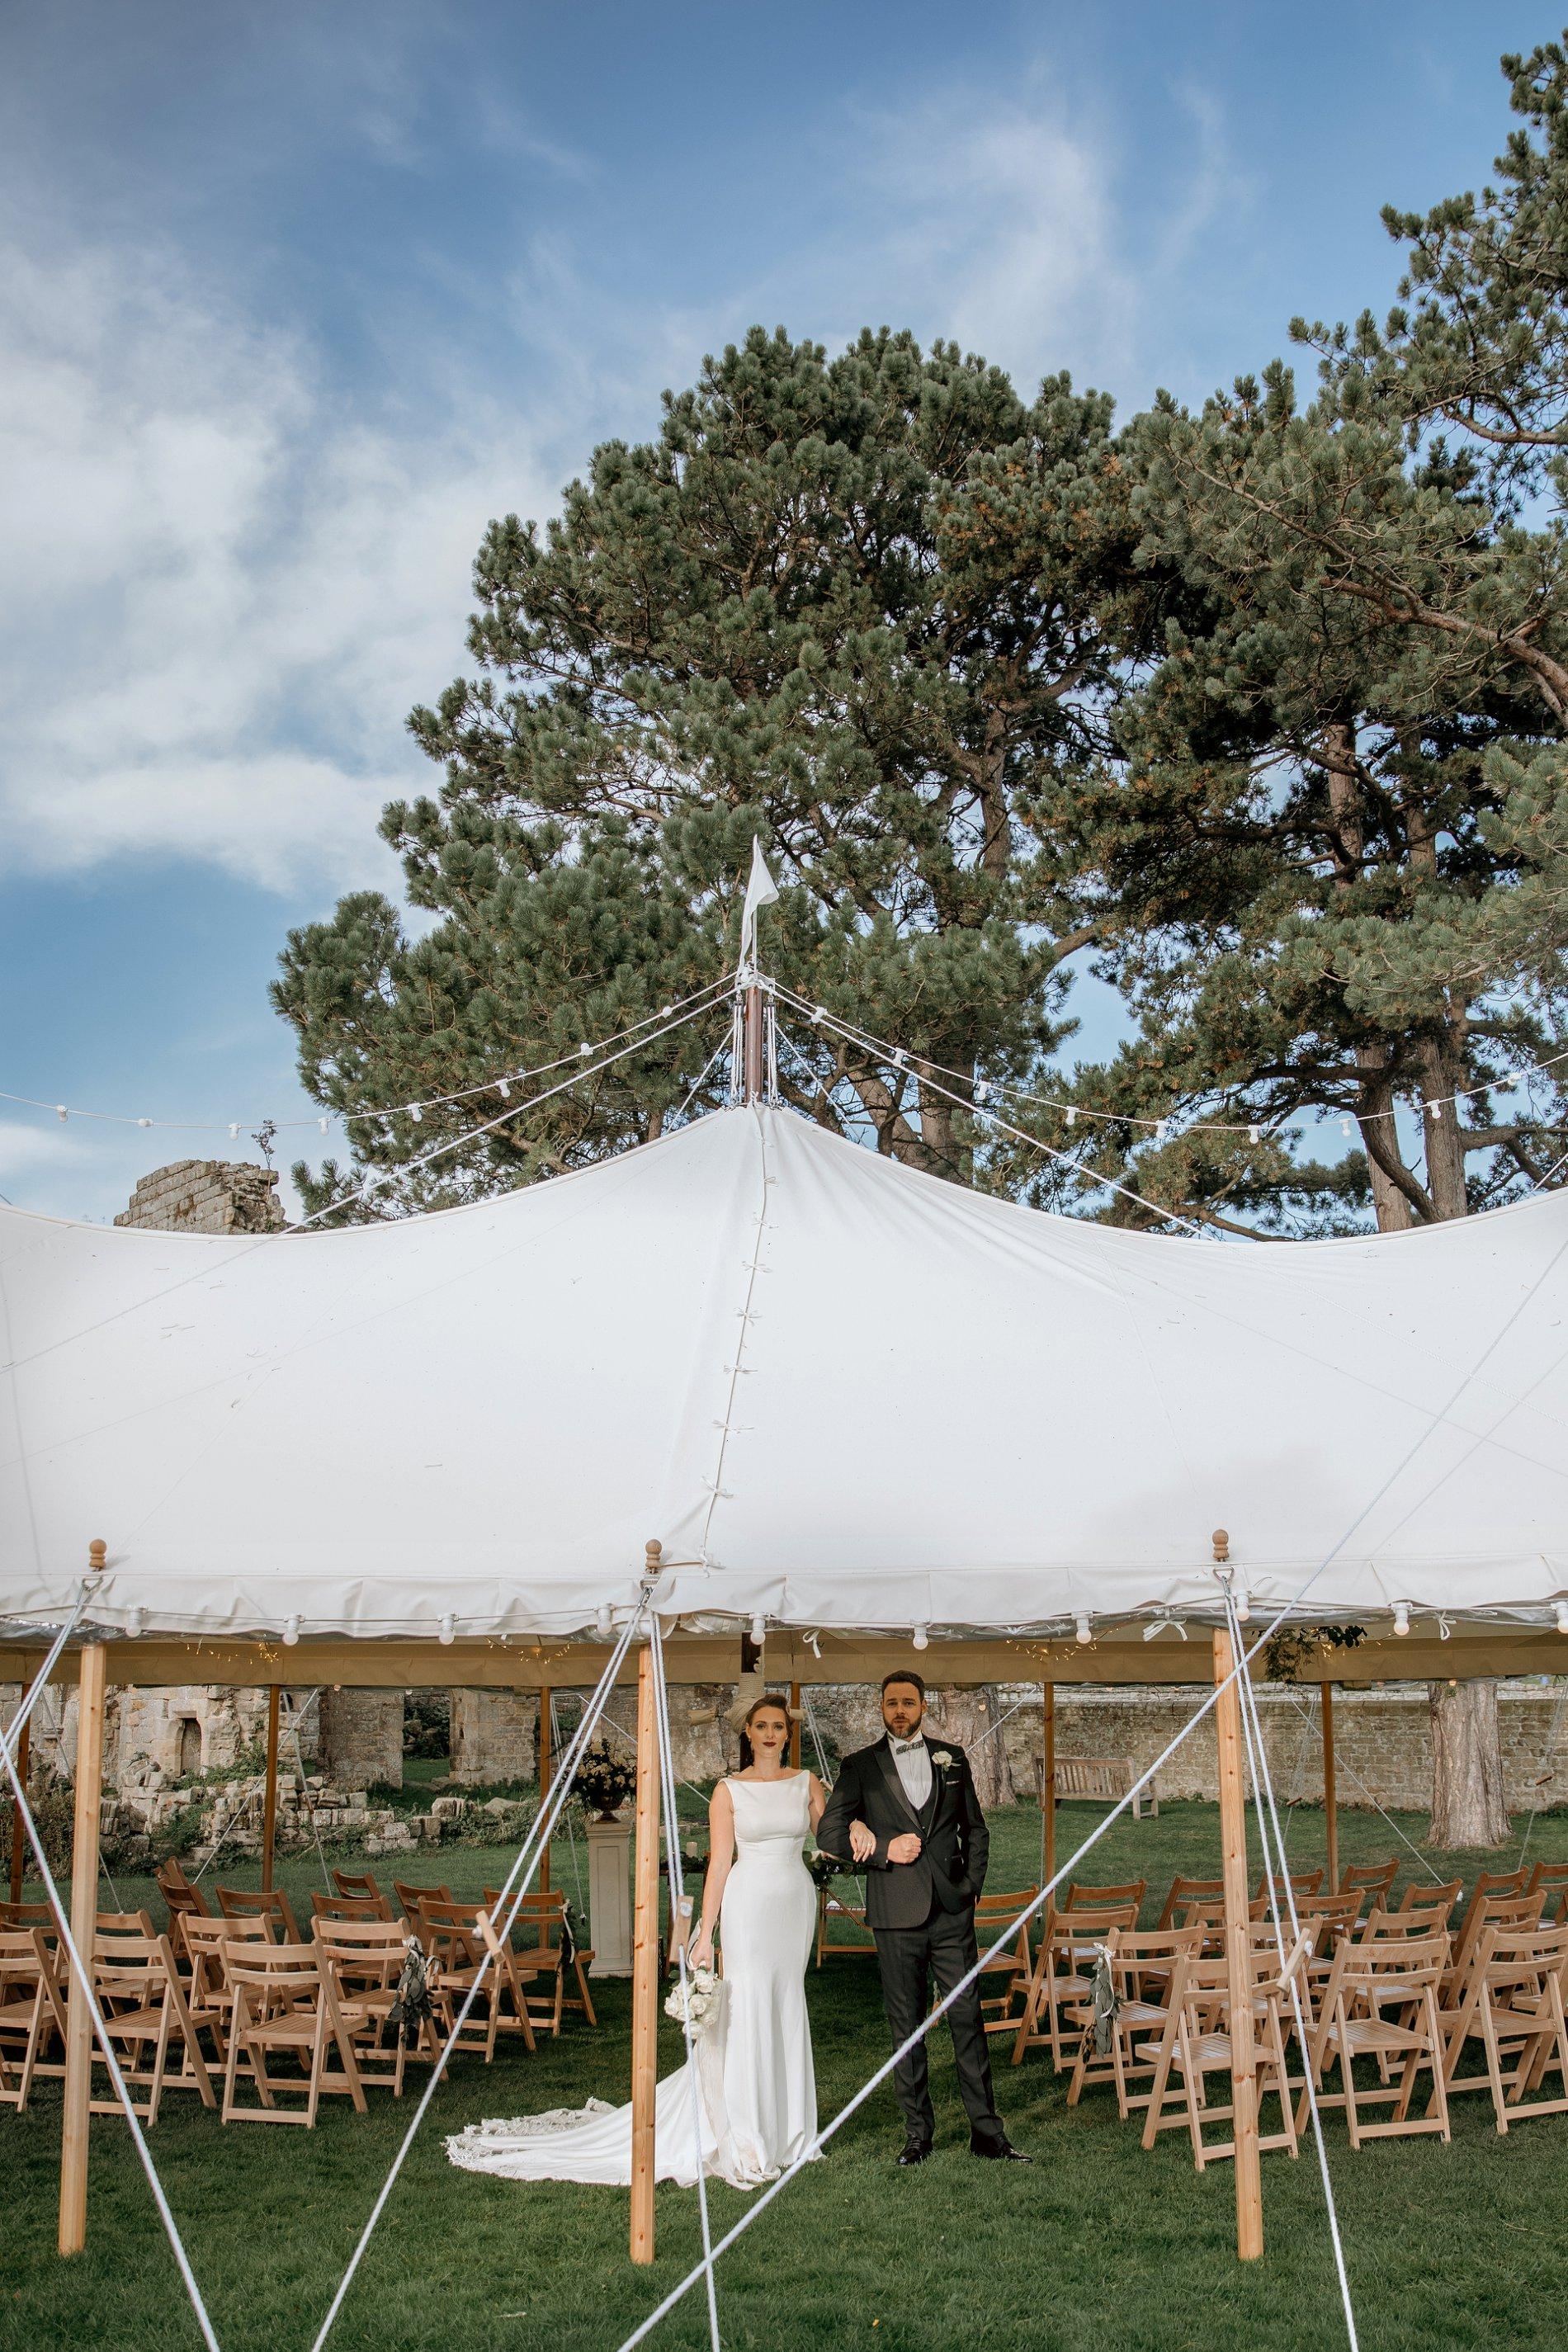 An Elegant Wedding Shoot at Jervaulx Abbey (c) Natalie Hamilton Photography (51)